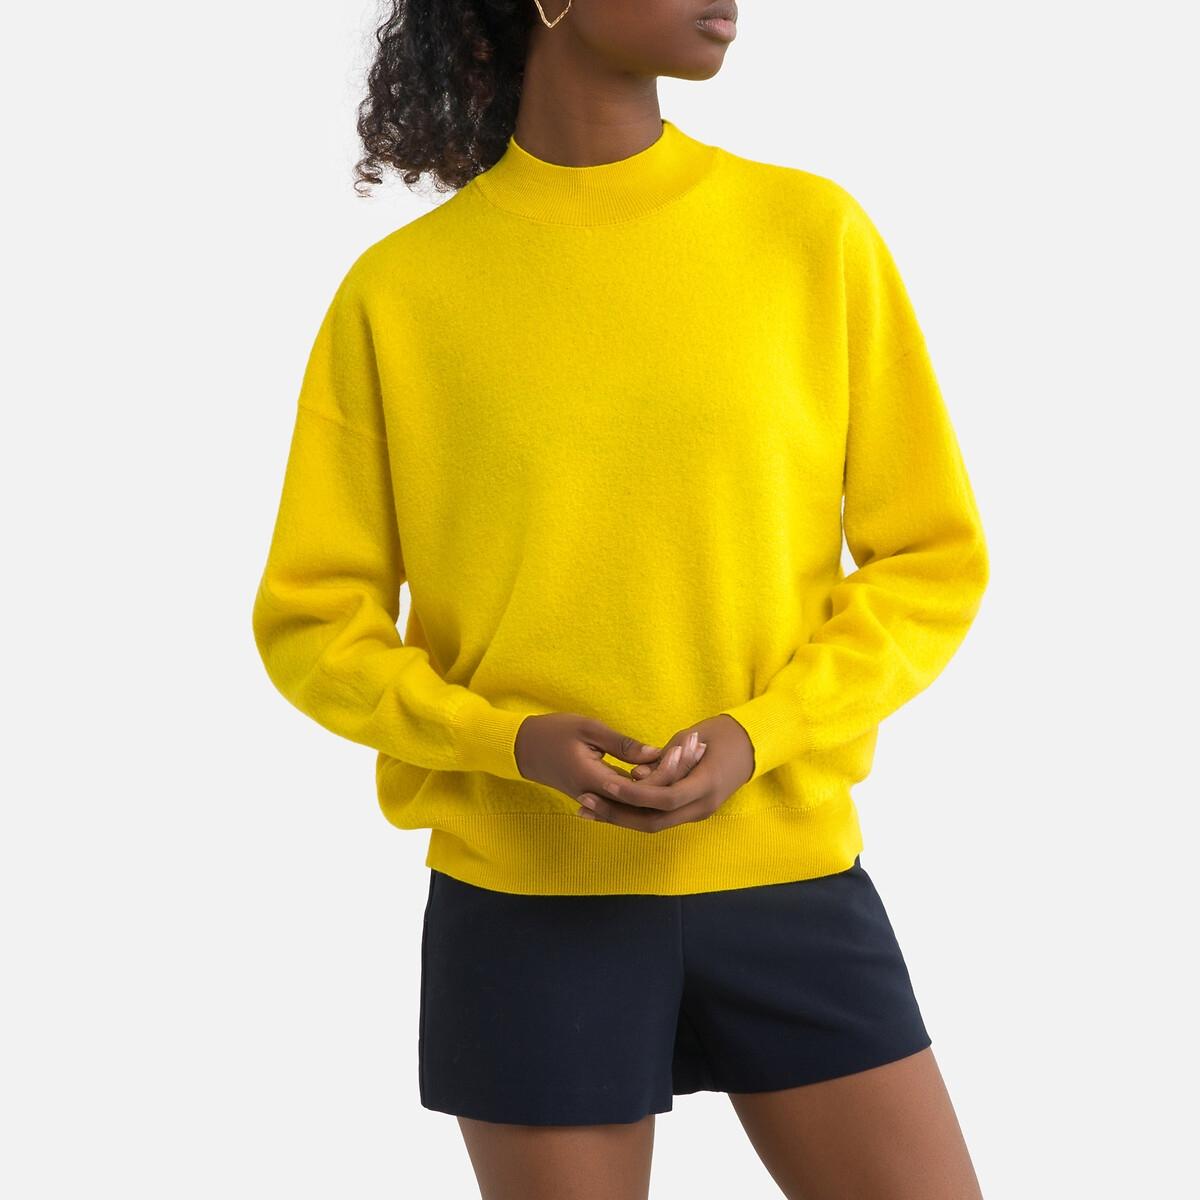 Фото - Пуловер LaRedoute Из шерсти с круглым вырезом из тонкого трикотажа TADBOW M/L желтый пуловер laredoute с воротником стойкой из ажурного трикотажа пуантель m каштановый